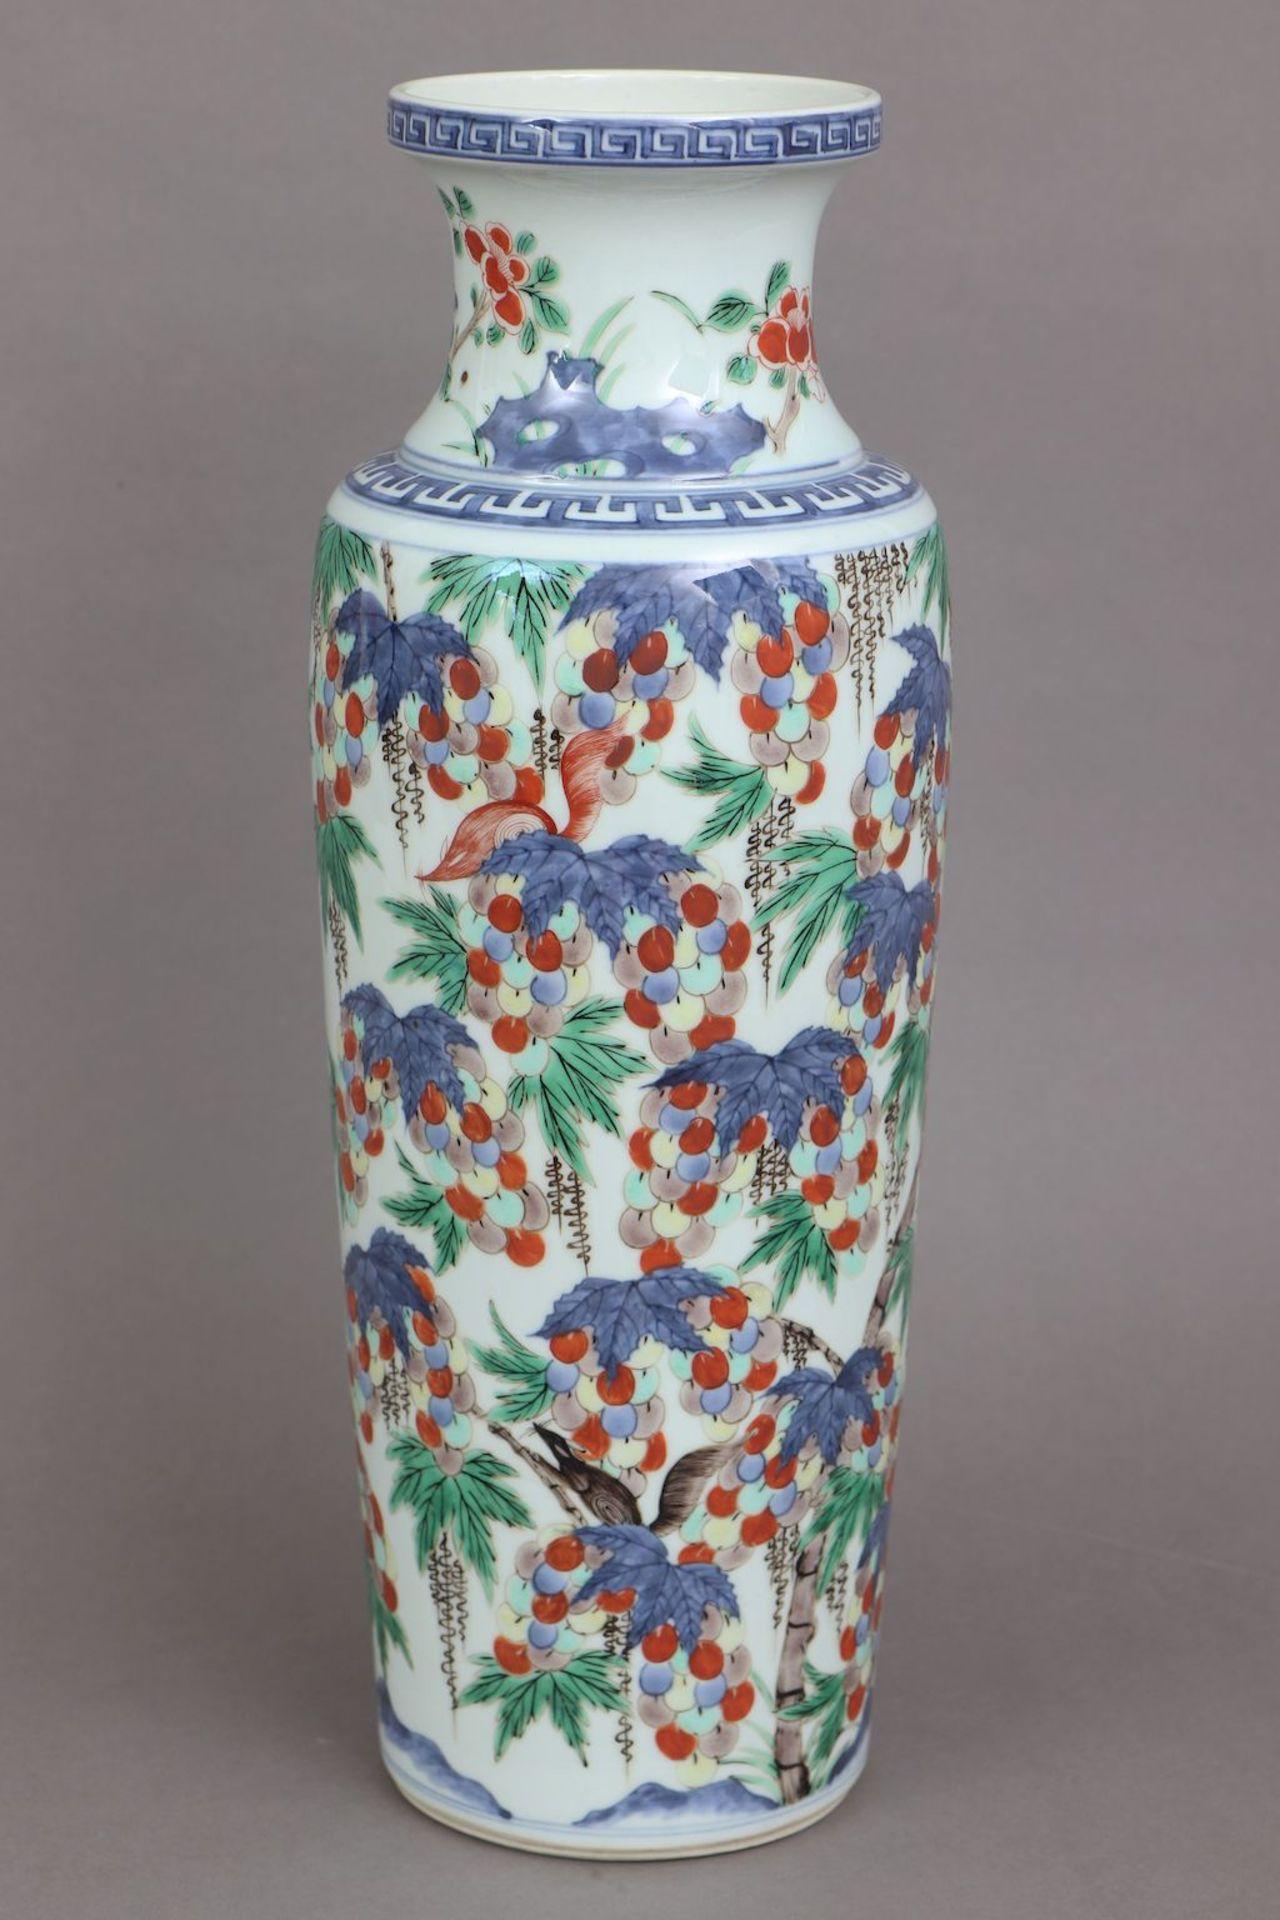 Chinesische Porzellanvase der Qing Dynastie (1644-1912) - Bild 2 aus 5